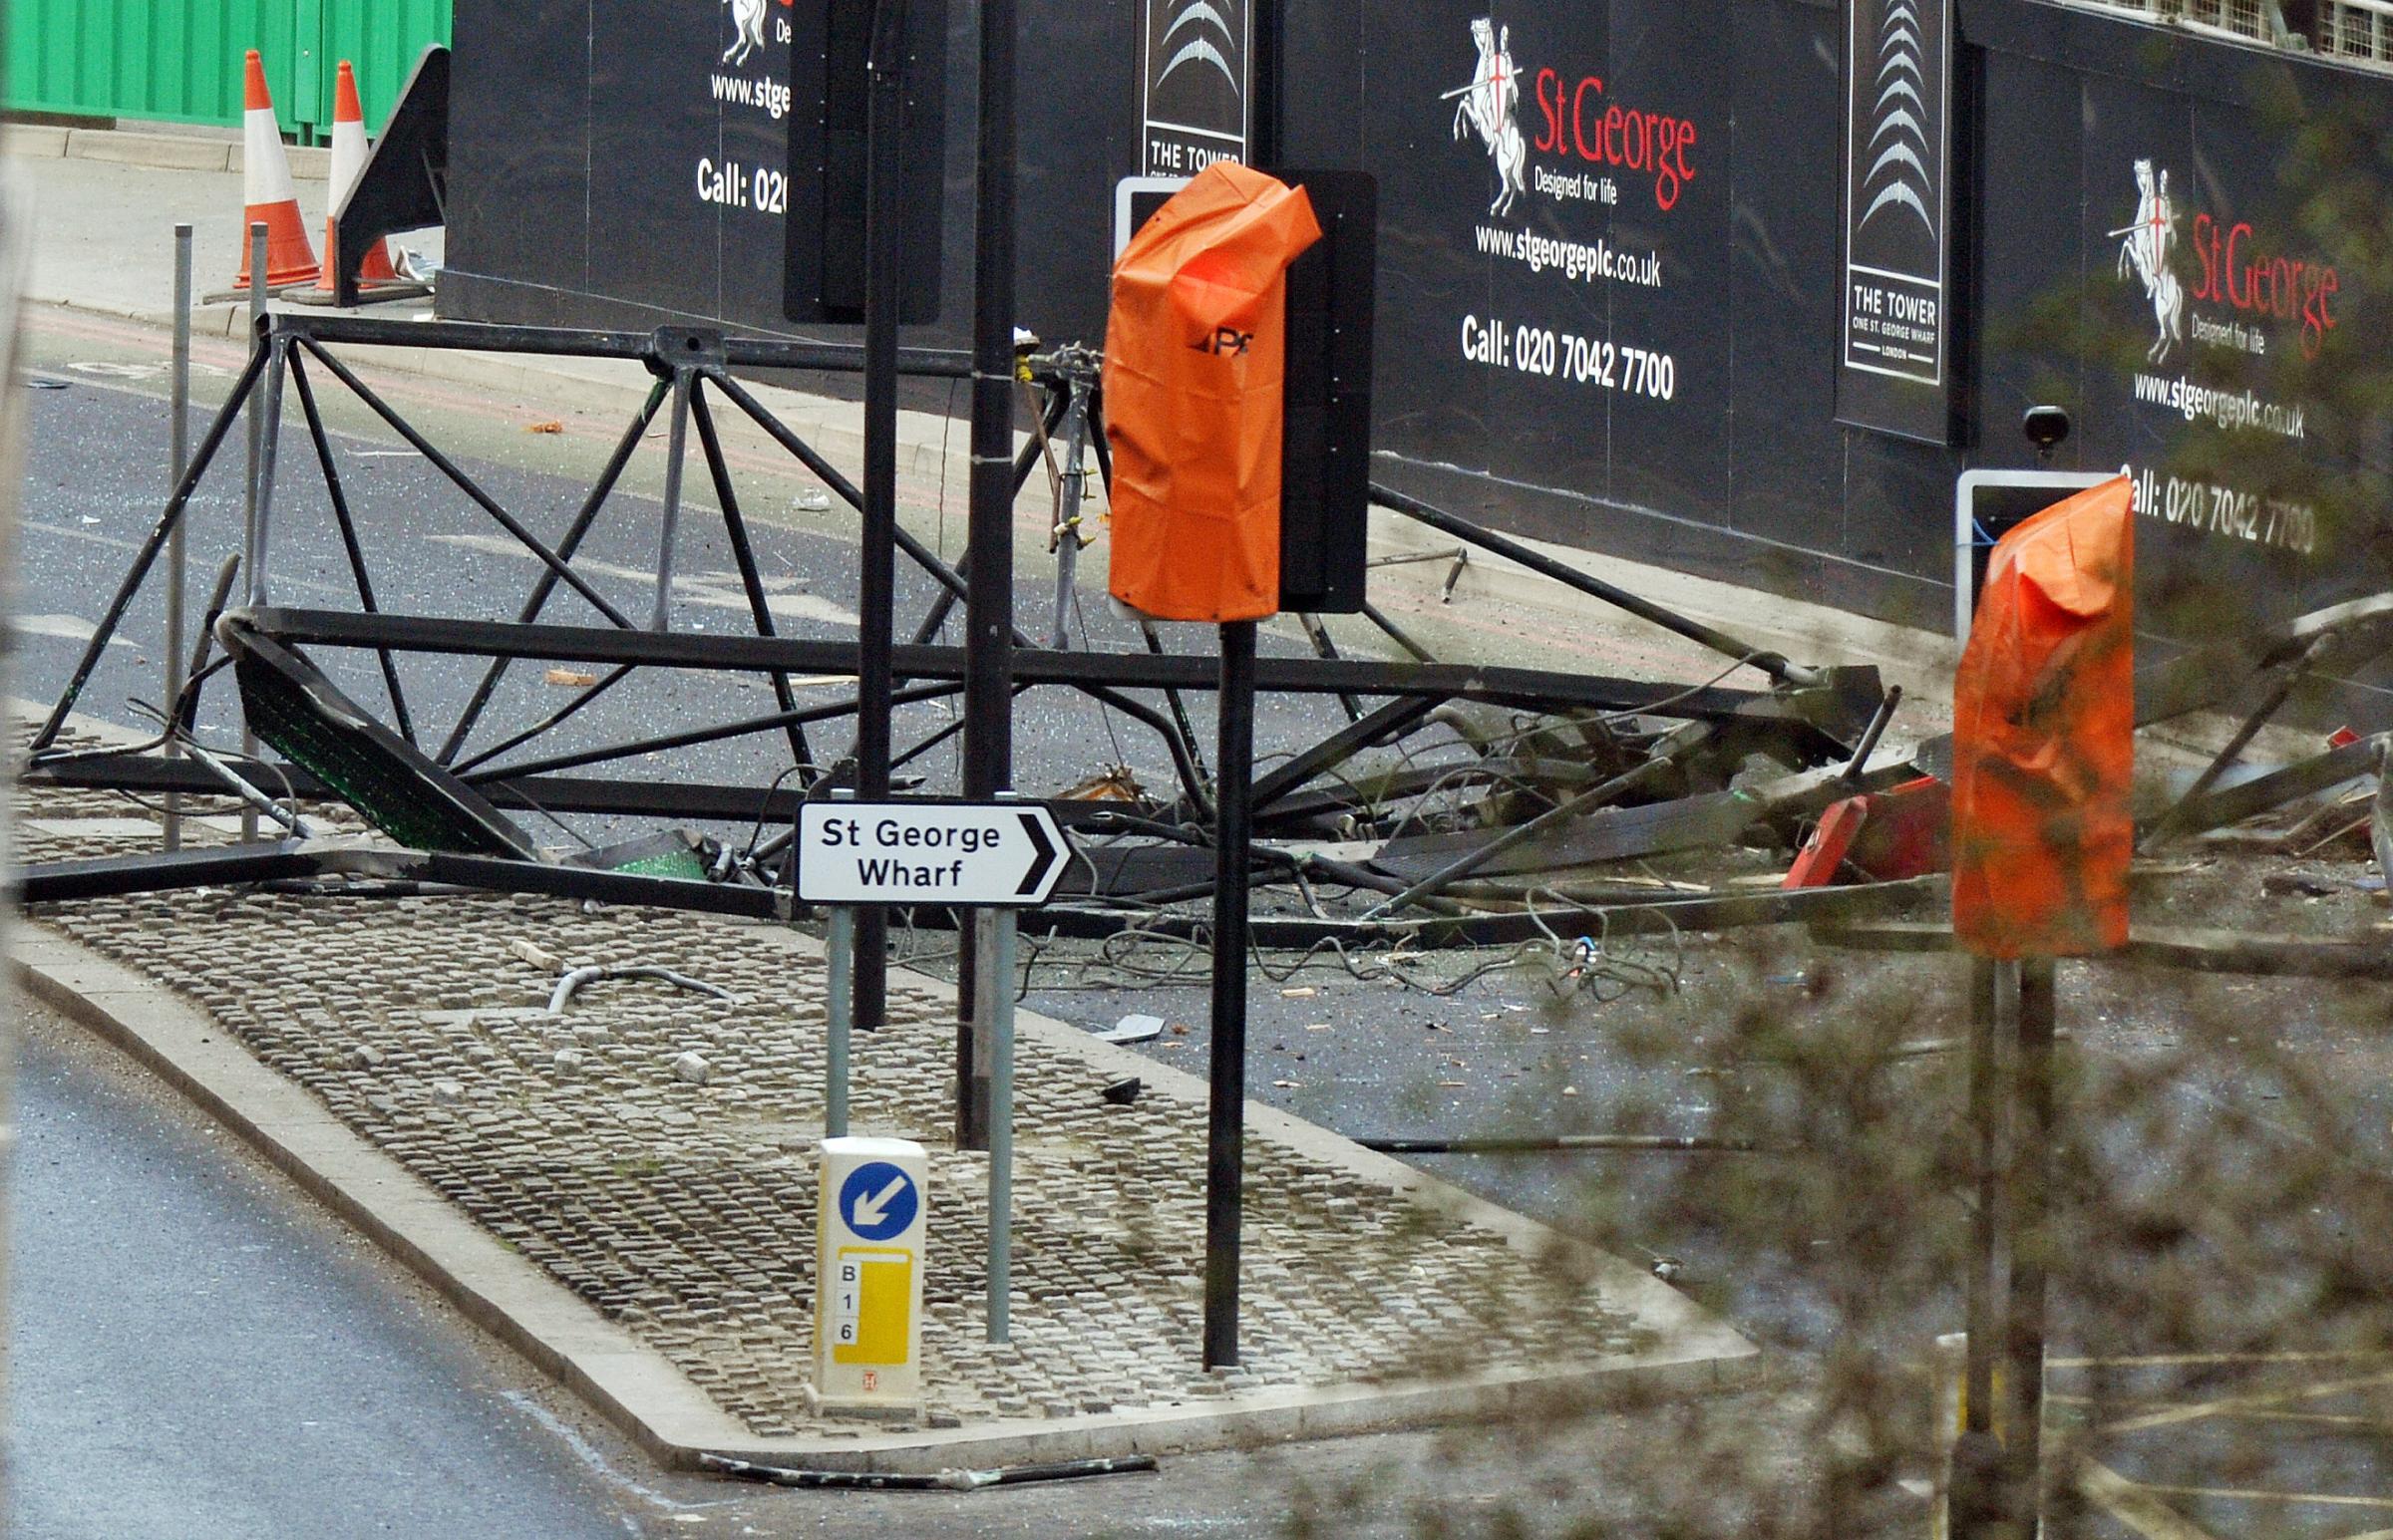 Elicottero cade nel centro di londra diretta fanpage for Tassa di soggiorno londra